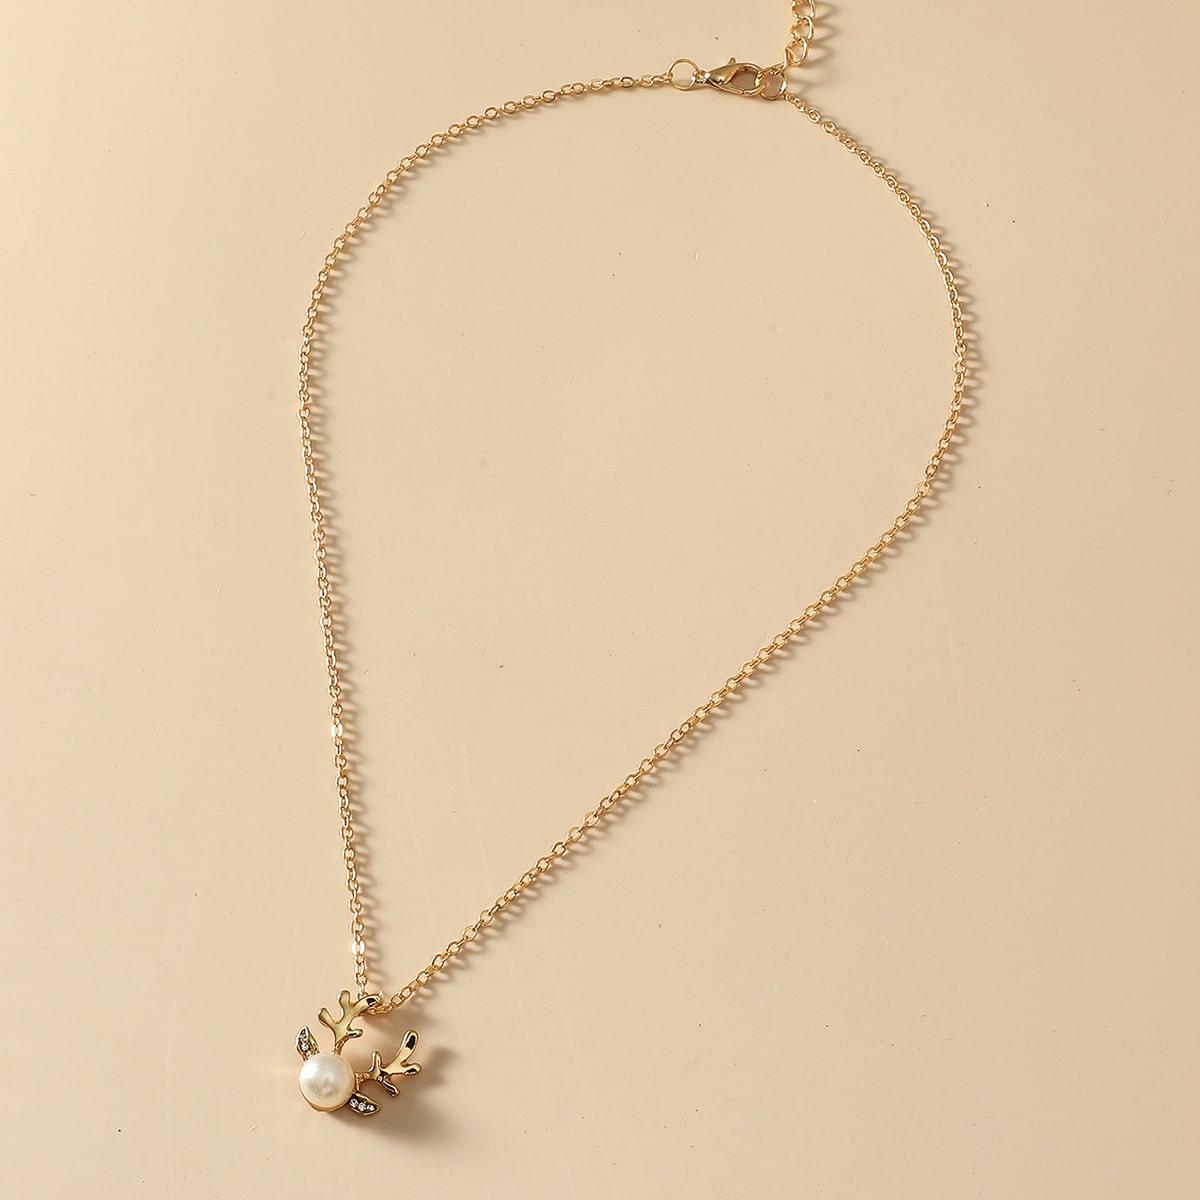 SHEIN / Halskette mit Weihnachten Hirsch Dekor